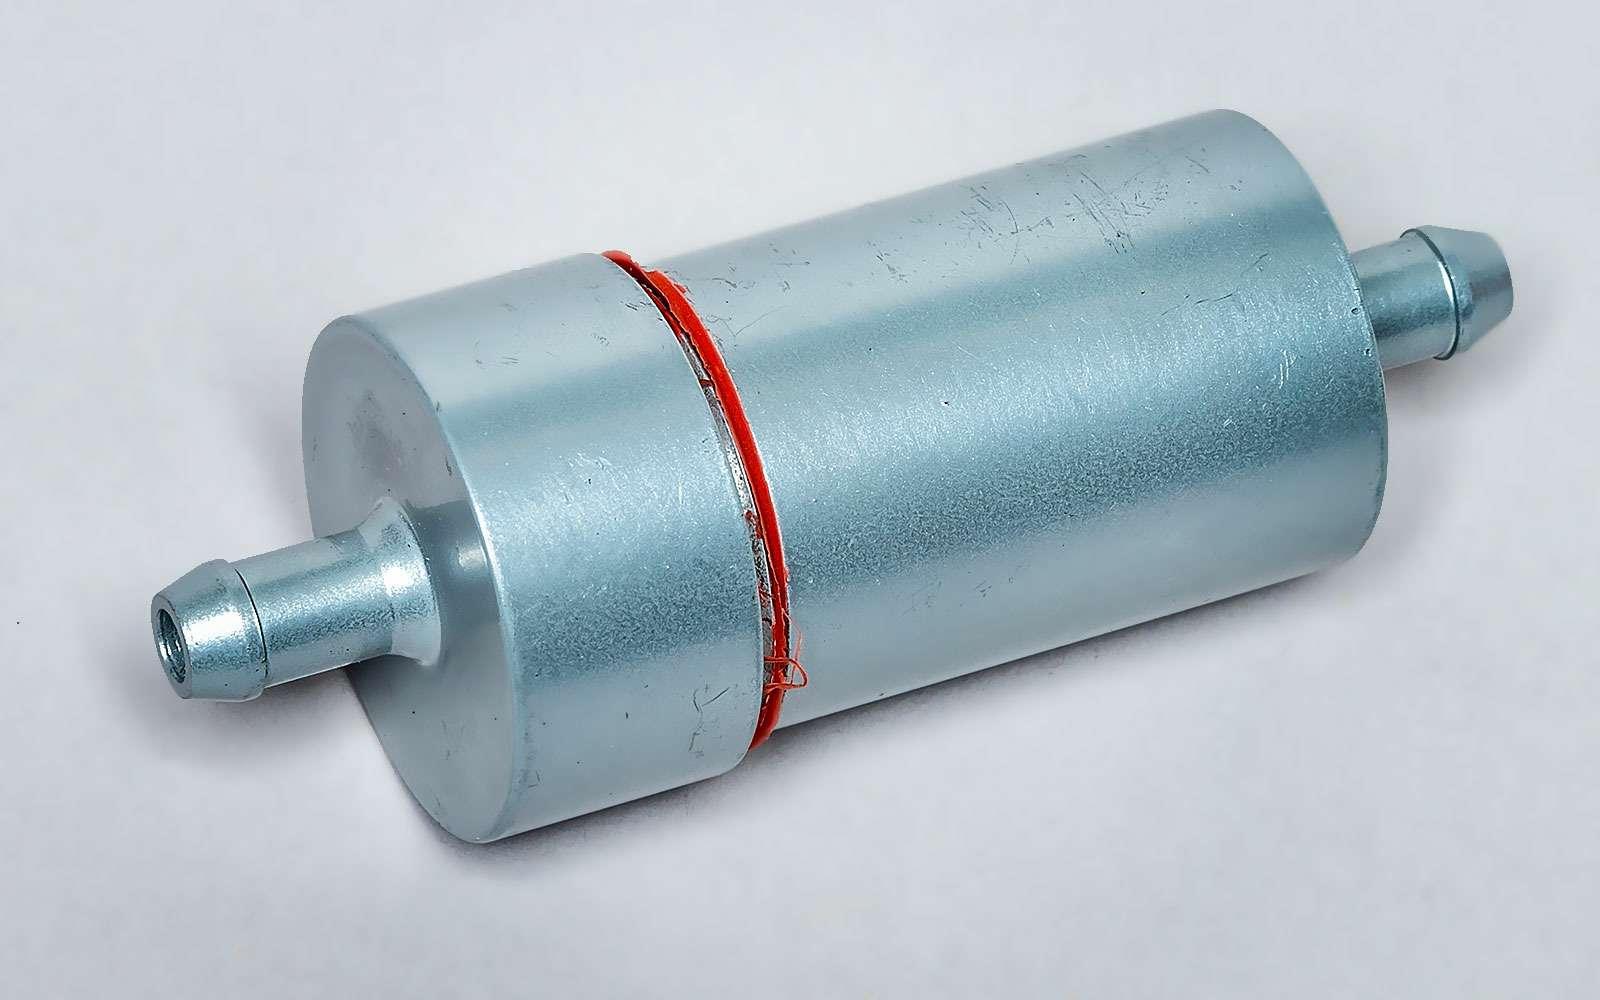 Омагничиватель топлива АКТ (активатор топлива)